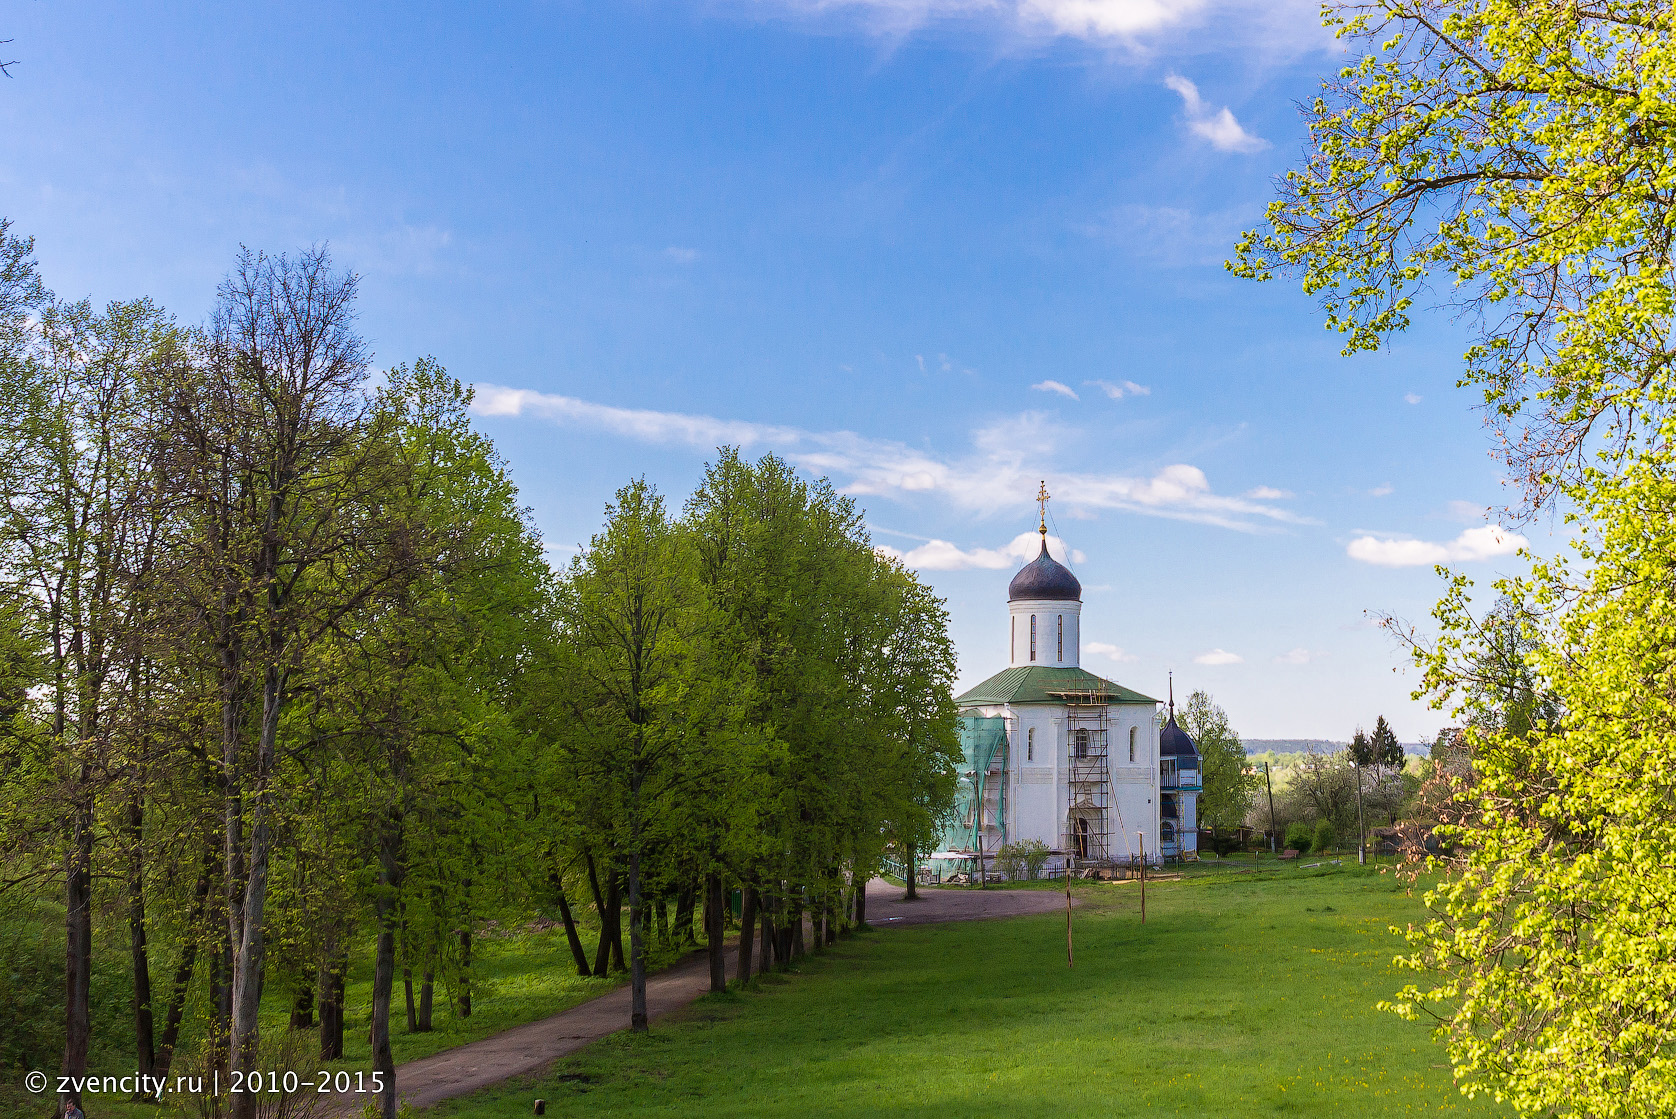 «Усадебный экспресс» прибывает в Звенигород